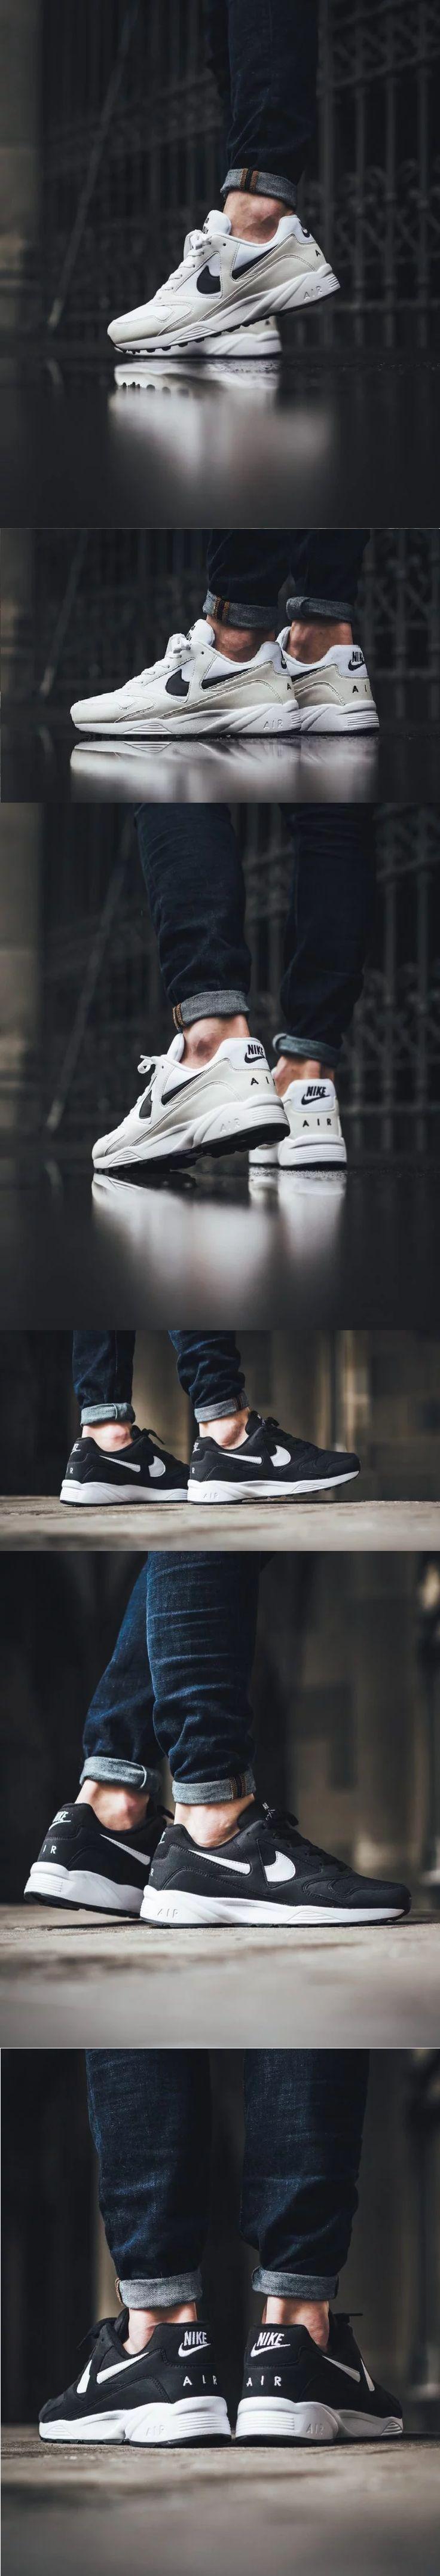 #Nike #Air #Icarus #Extra #Cream